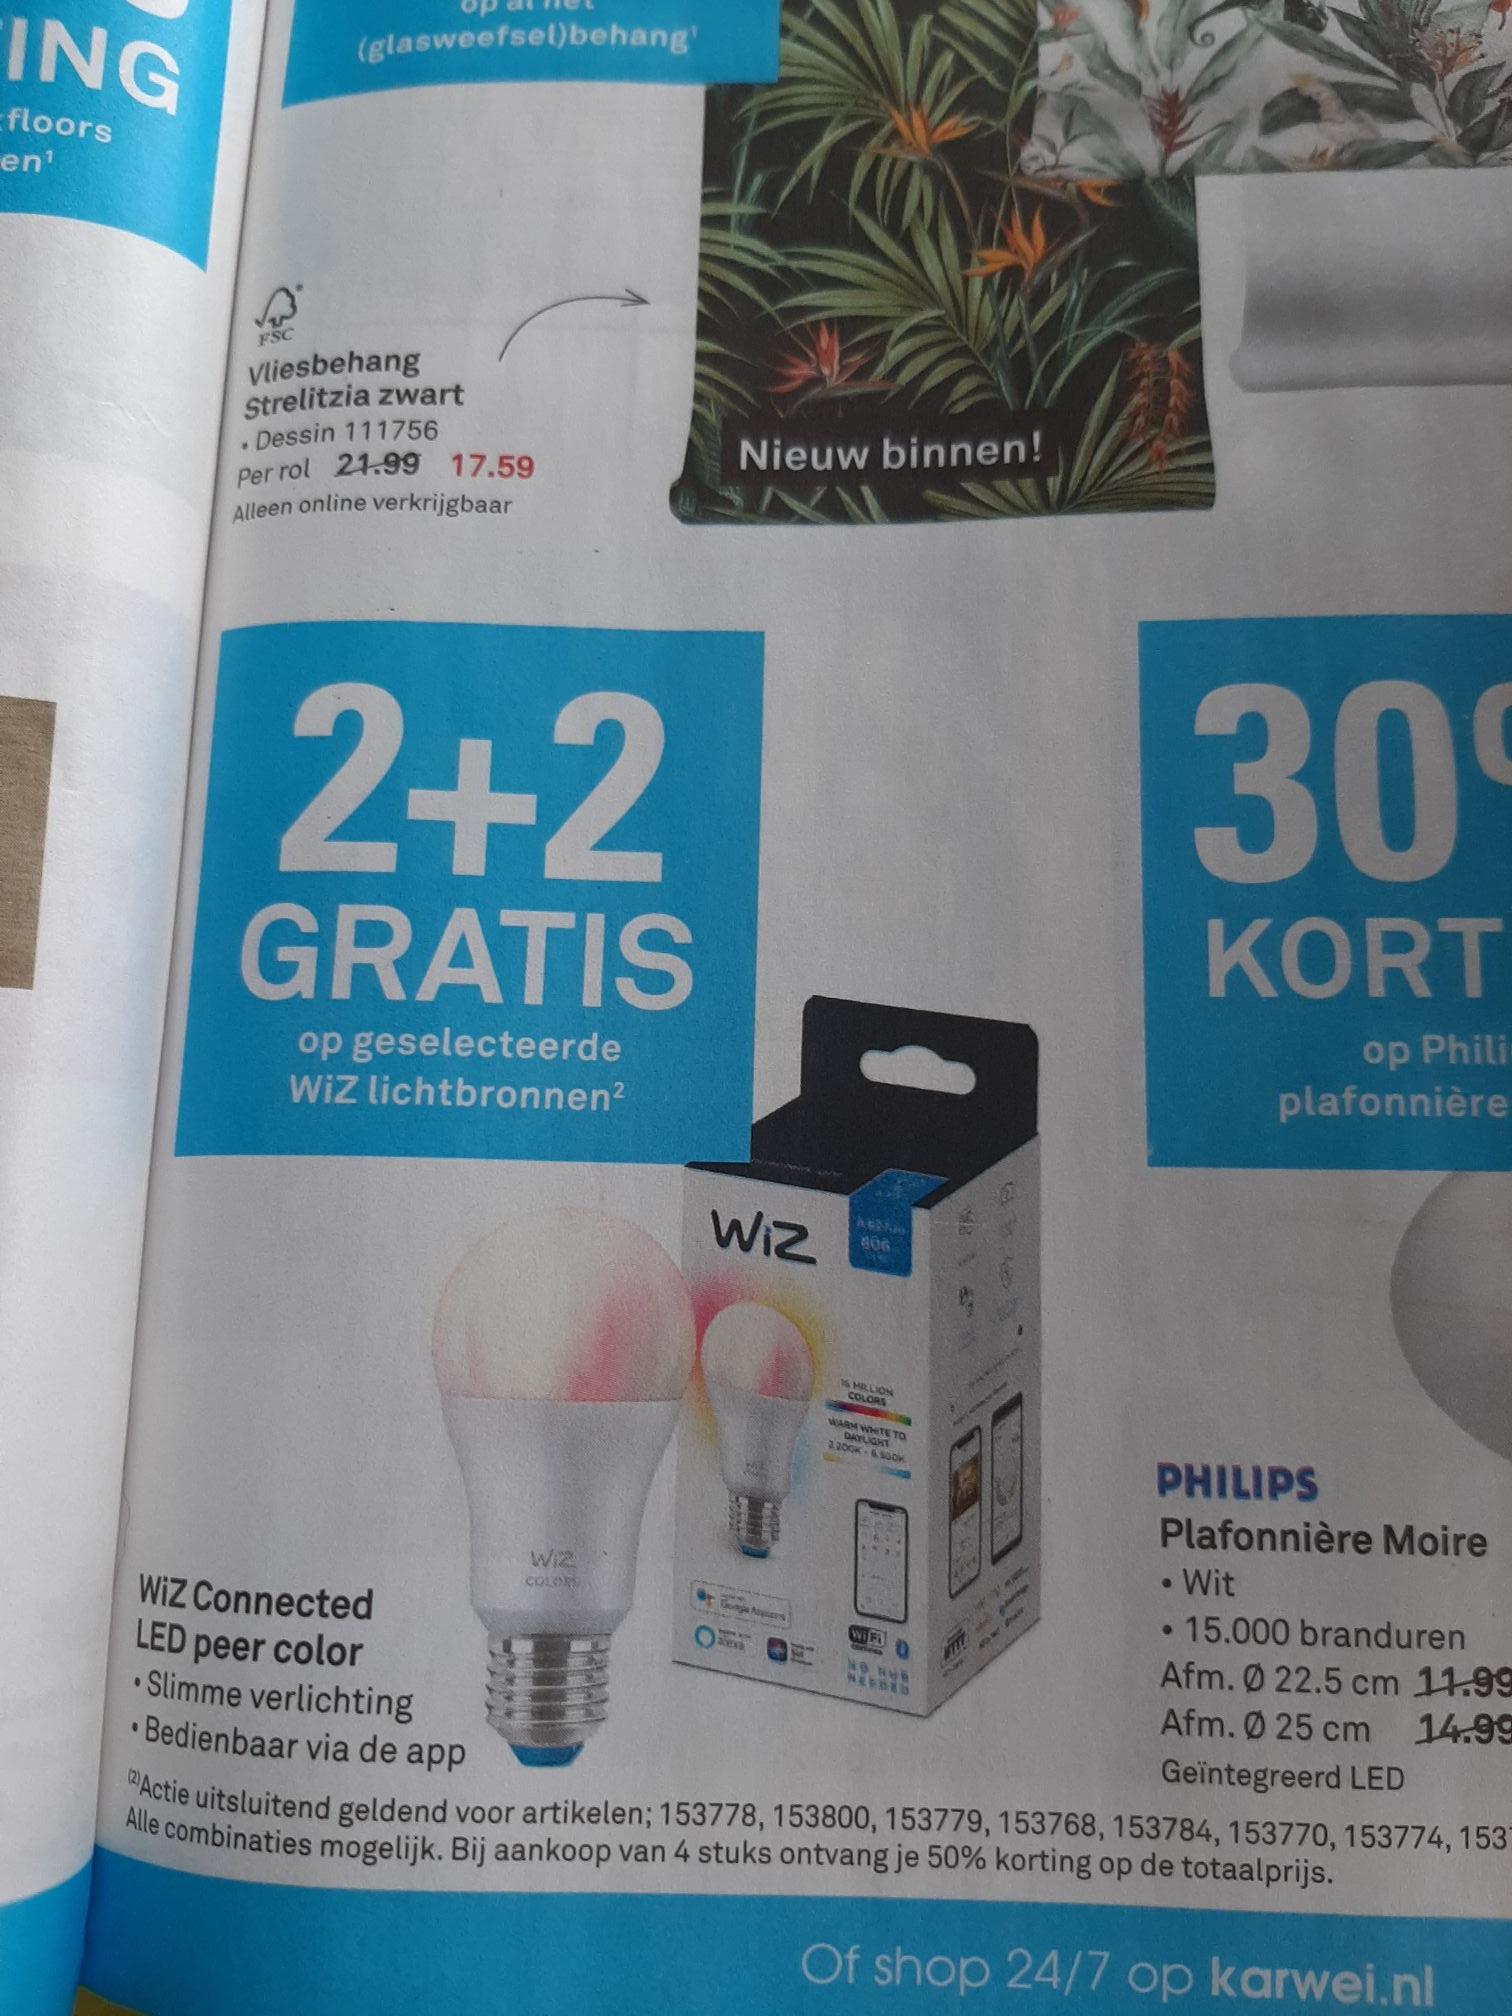 2+2 Gratis Op Wiz Smart Lampen Bij De Karwei. (05-13/05-16)